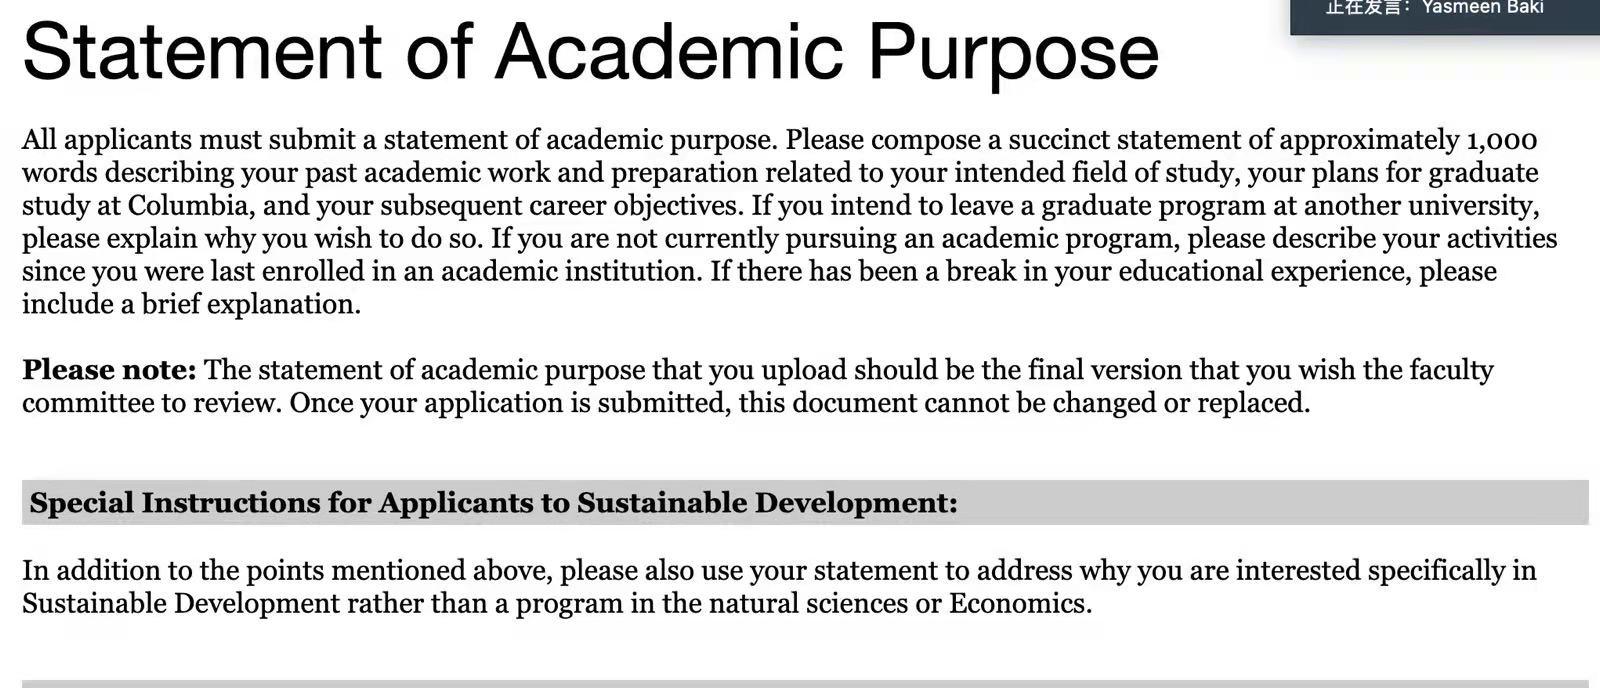 哥伦比亚大学申请文书